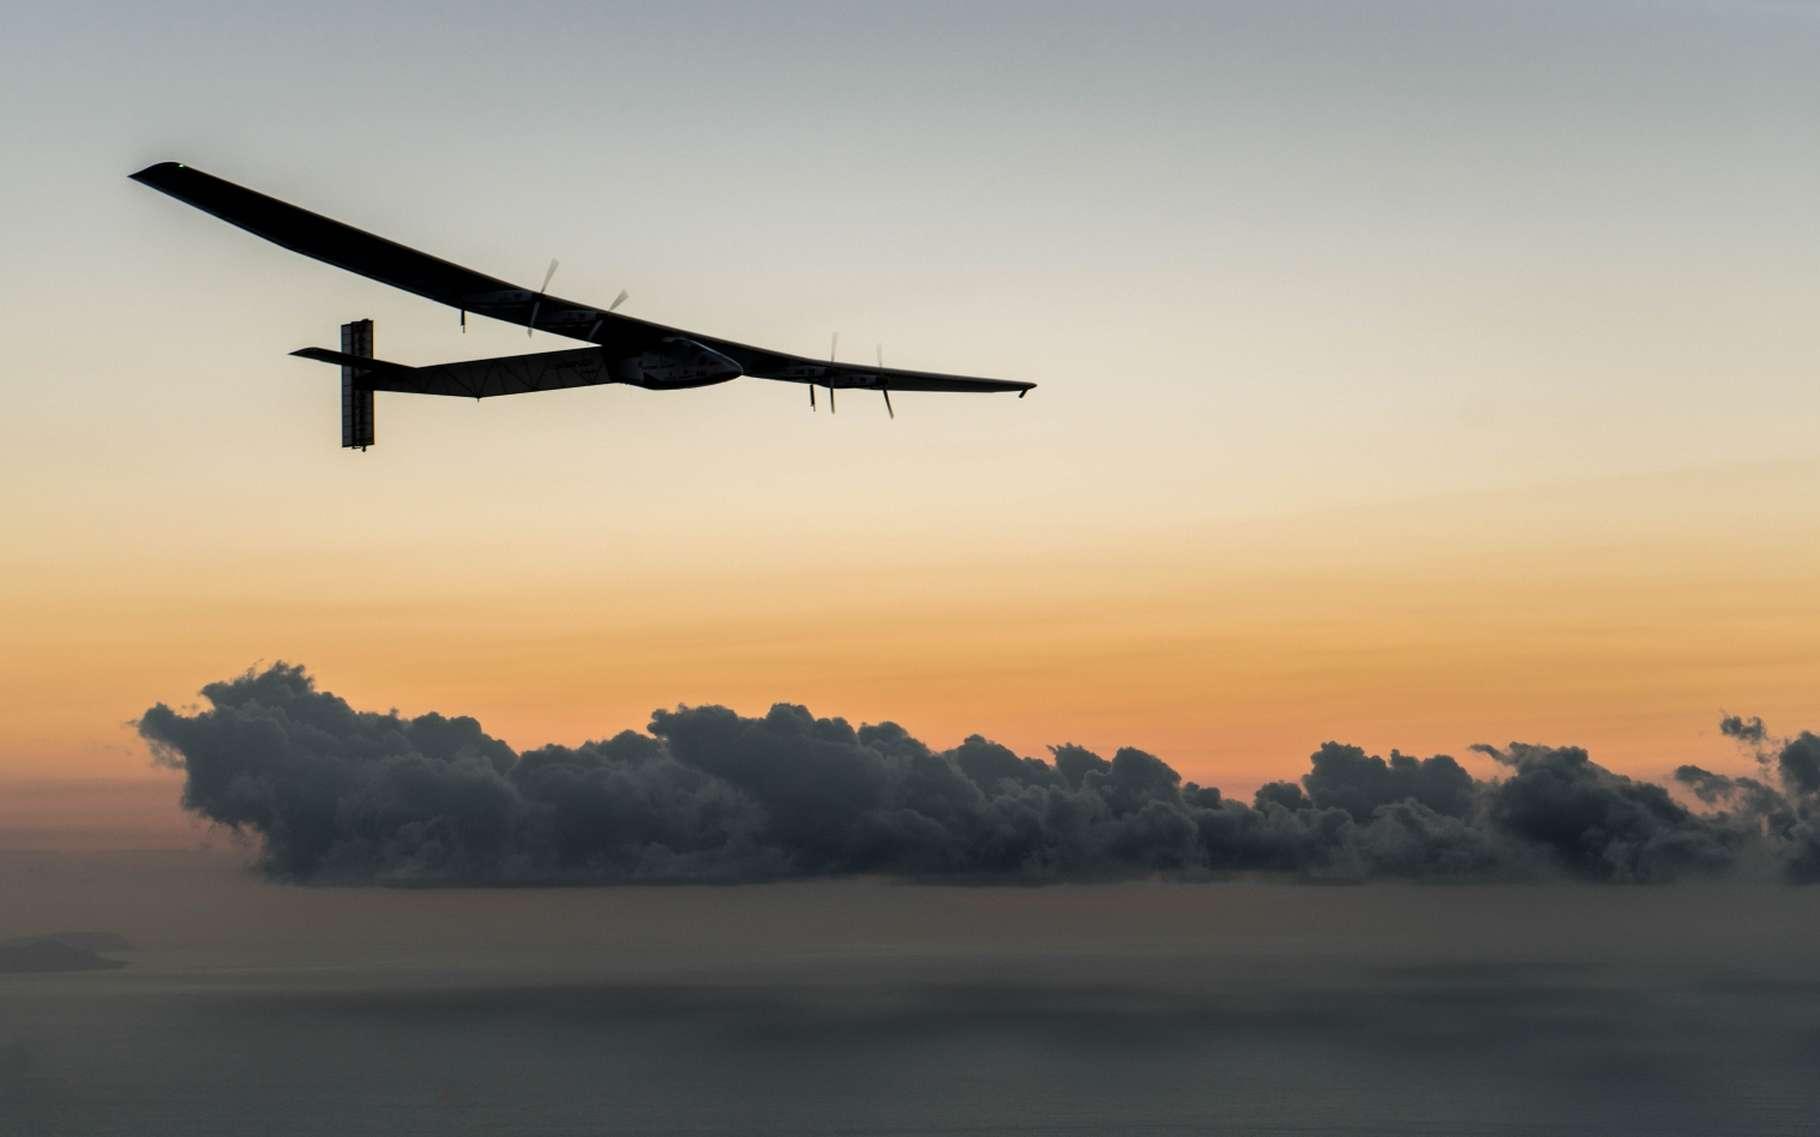 L'avion solaire SI2 lors d'un vol d'essai à Hawaï, le 26 février 2016. La photo a été prise avant la reprise du tour du monde, qui avait été interrompu l'été précédent, après des problèmes techniques survenus lors de la longue traversée de cinq jours depuis le Japon. © Solar Impulse, Revillard, Rezo.ch